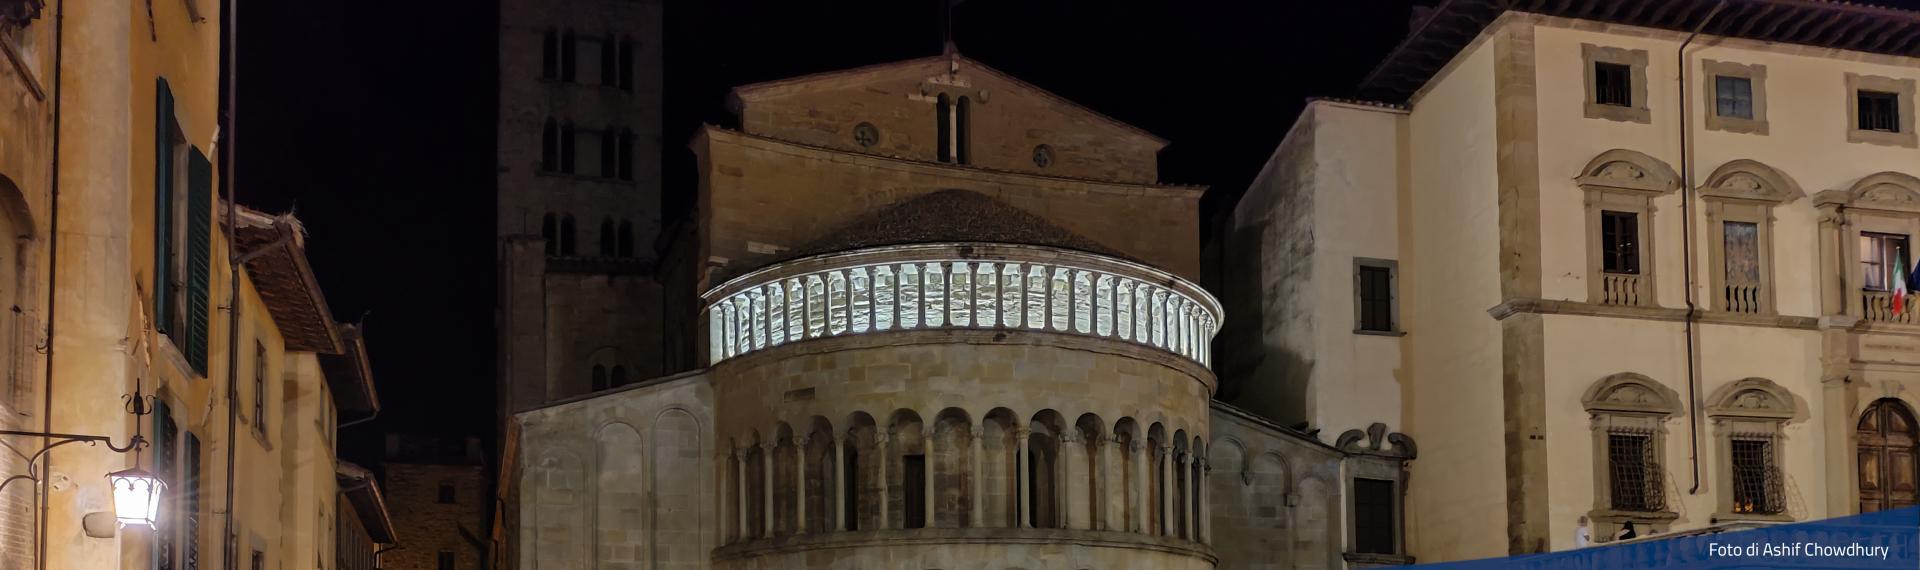 Piazza Grande, retro della Pieve